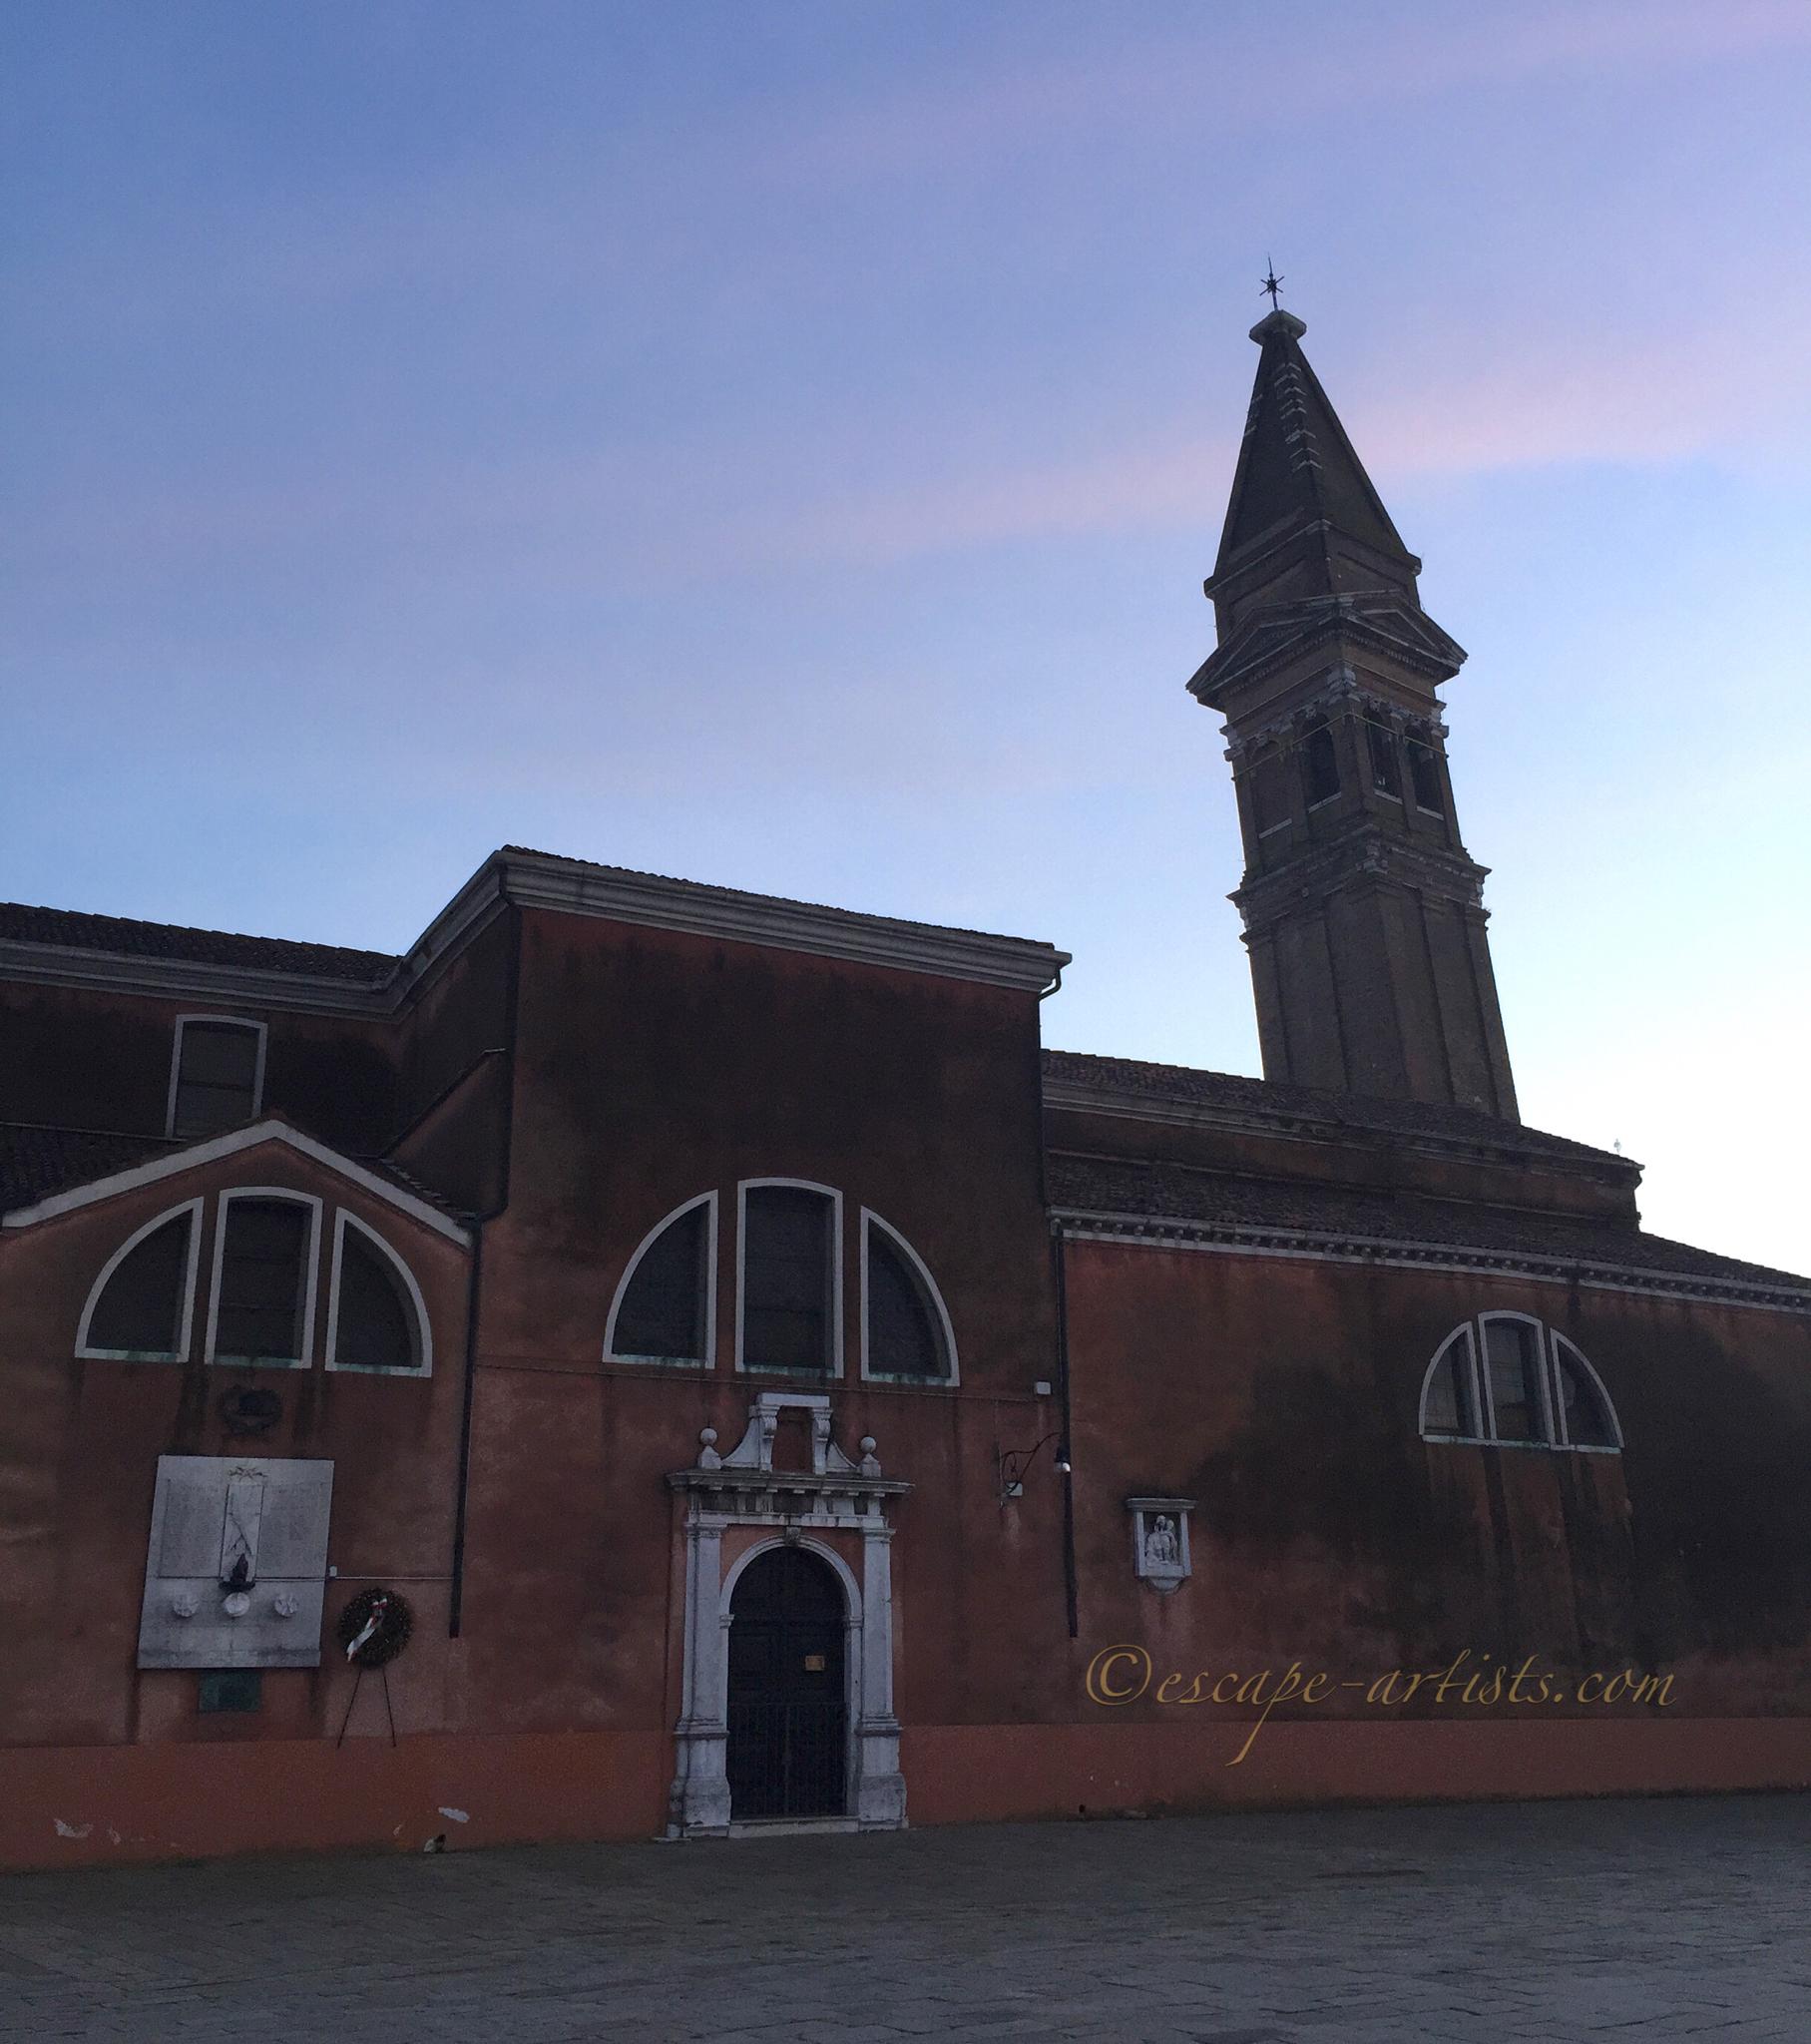 The Campanile Storto di Burano